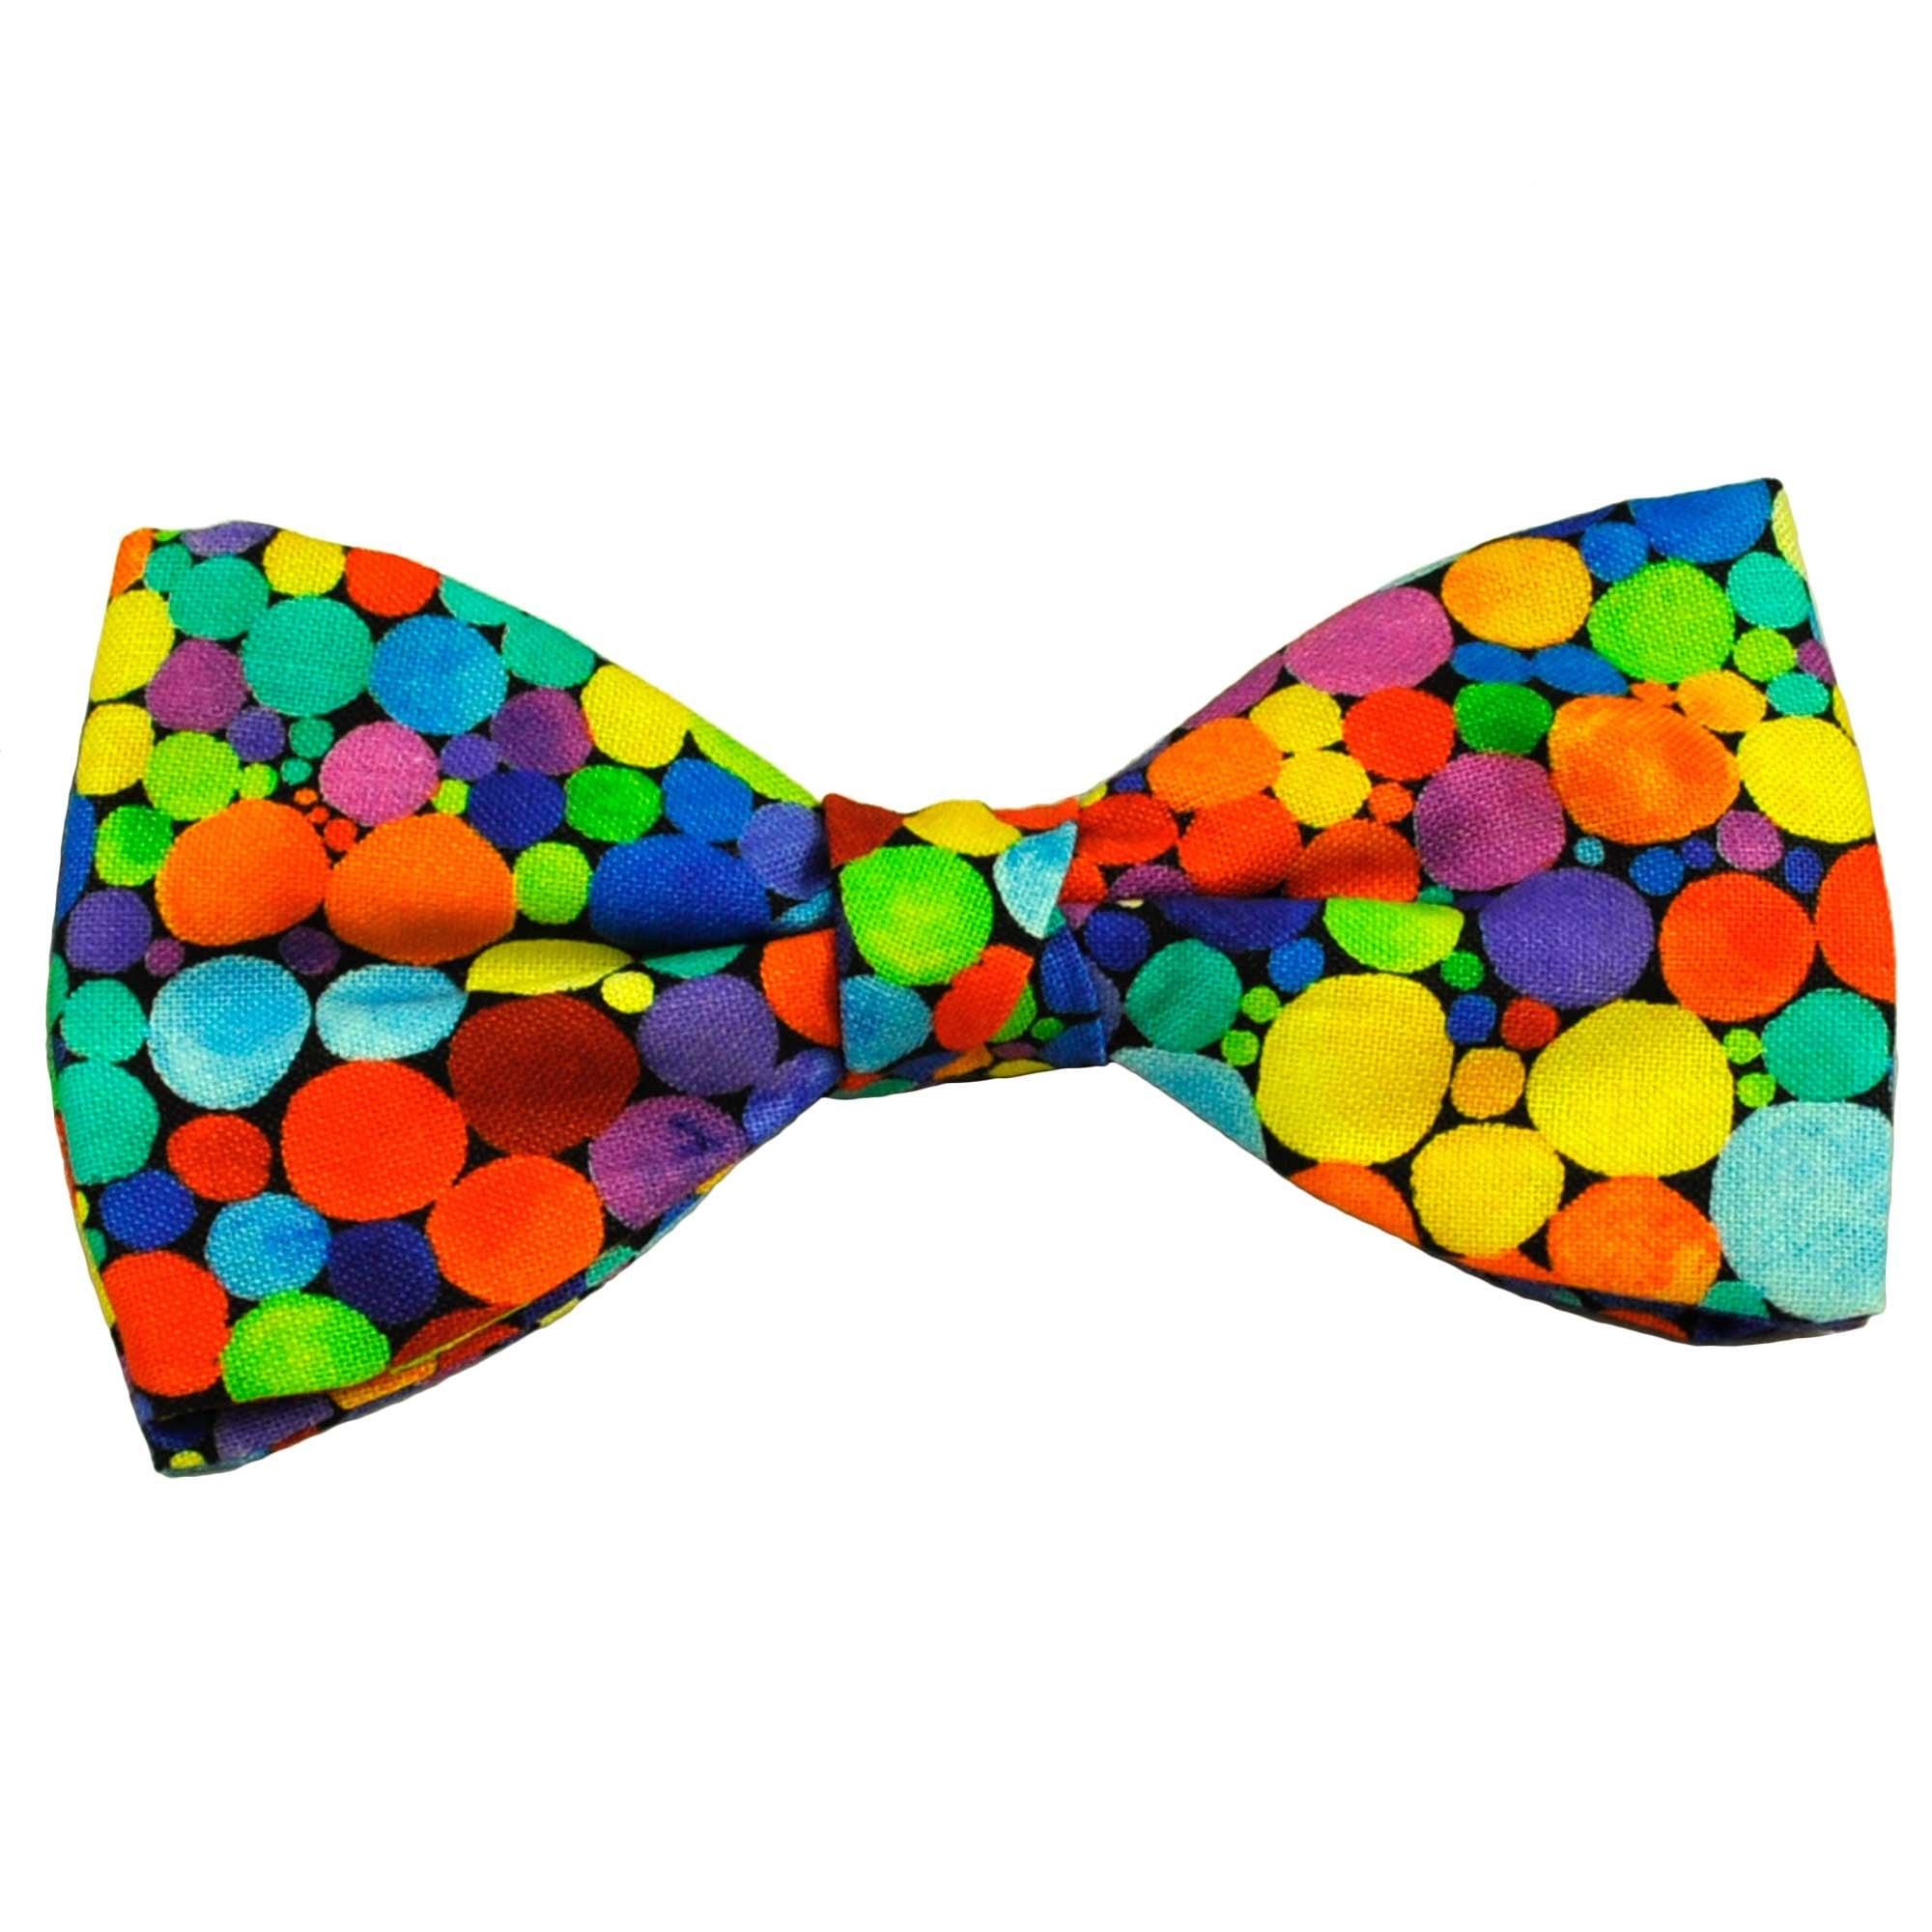 Van Buck Colourful Spots Cotton Men's Bow Tie from Ties Planet UK